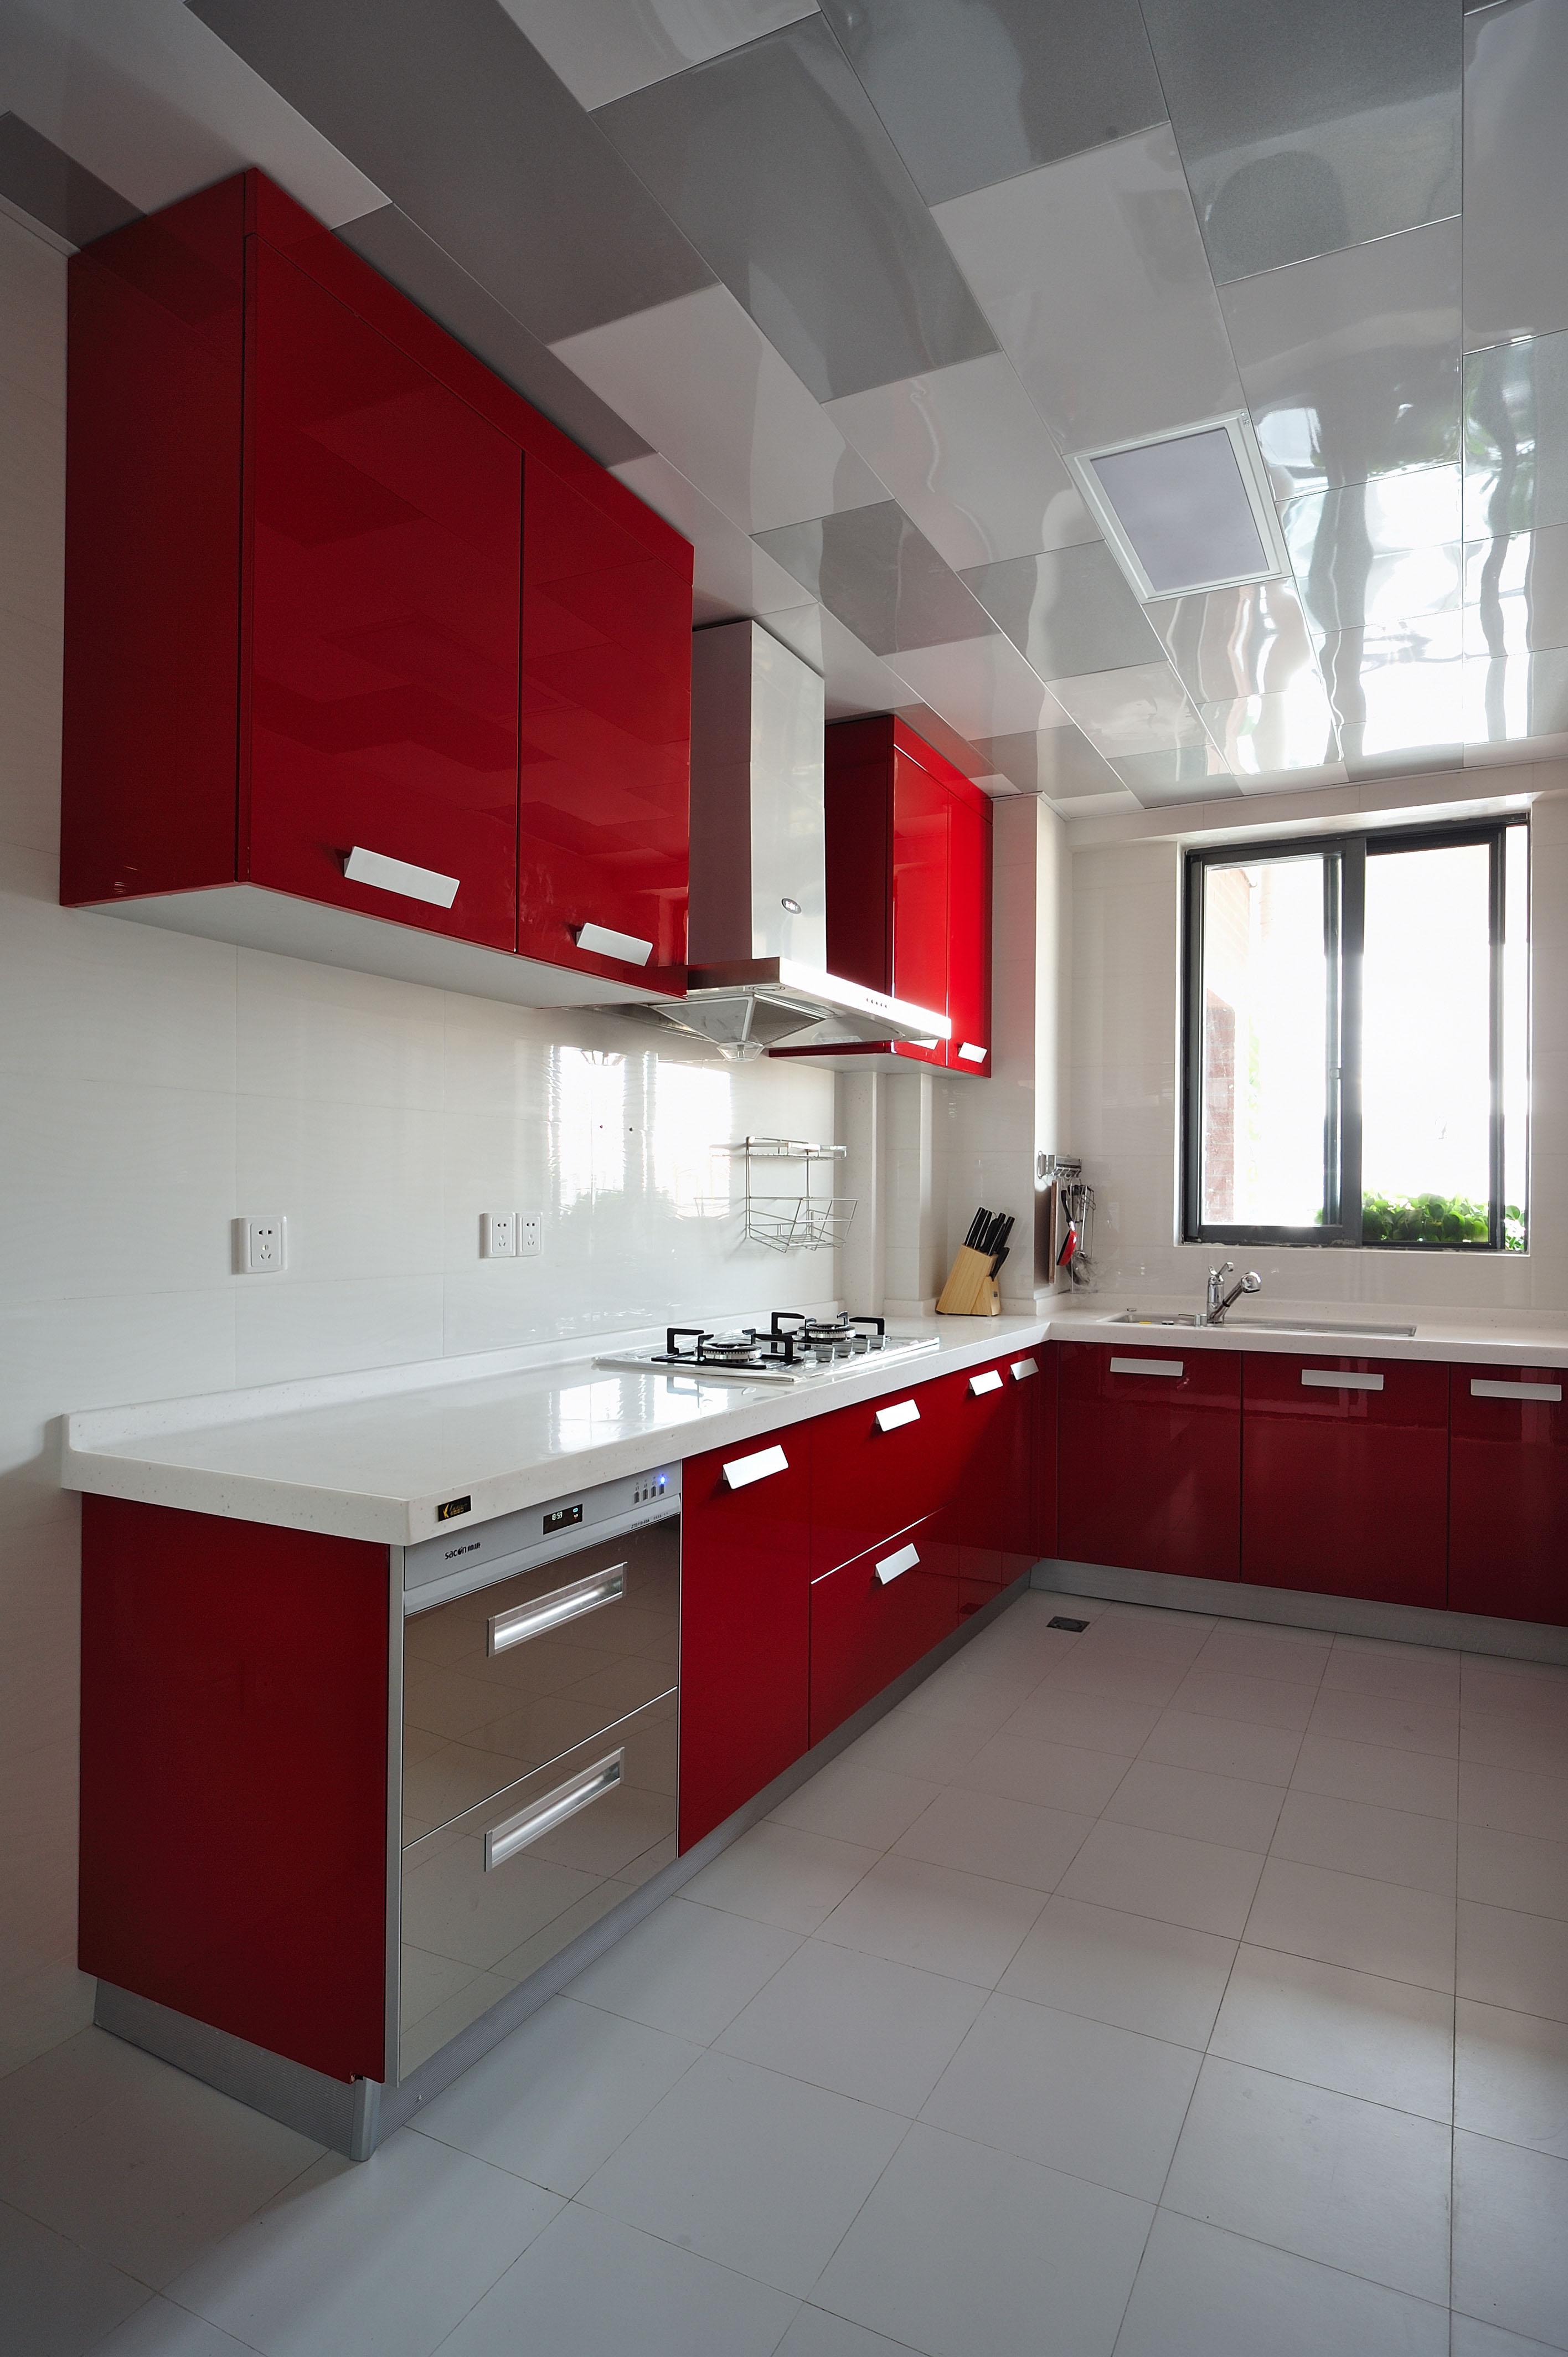 三居 收纳 小资 厨房图片来自广州生活家家居在金辉莱茵城128㎡的分享